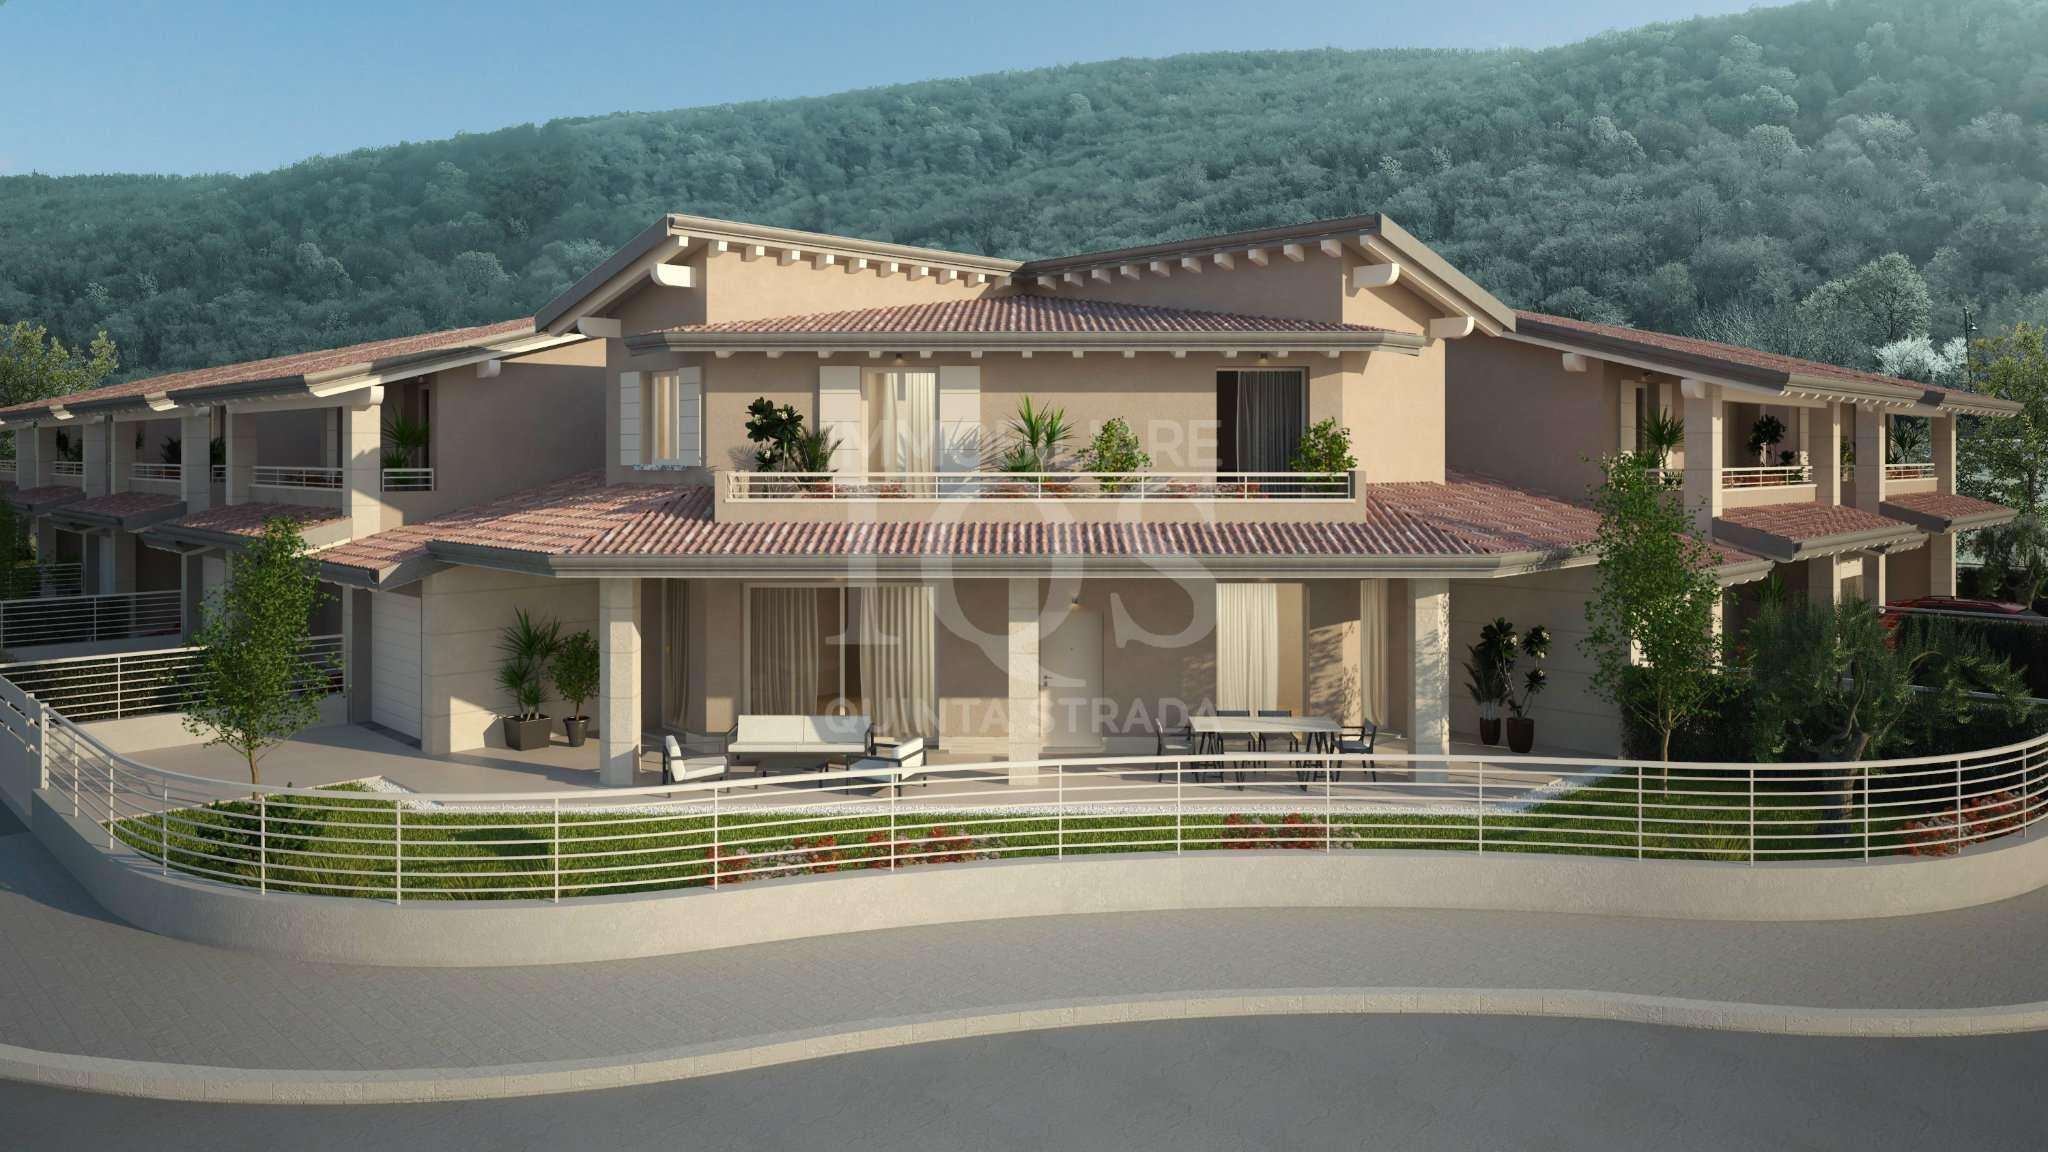 Villa a Schiera in vendita a Paratico, 4 locali, prezzo € 289.000 | PortaleAgenzieImmobiliari.it